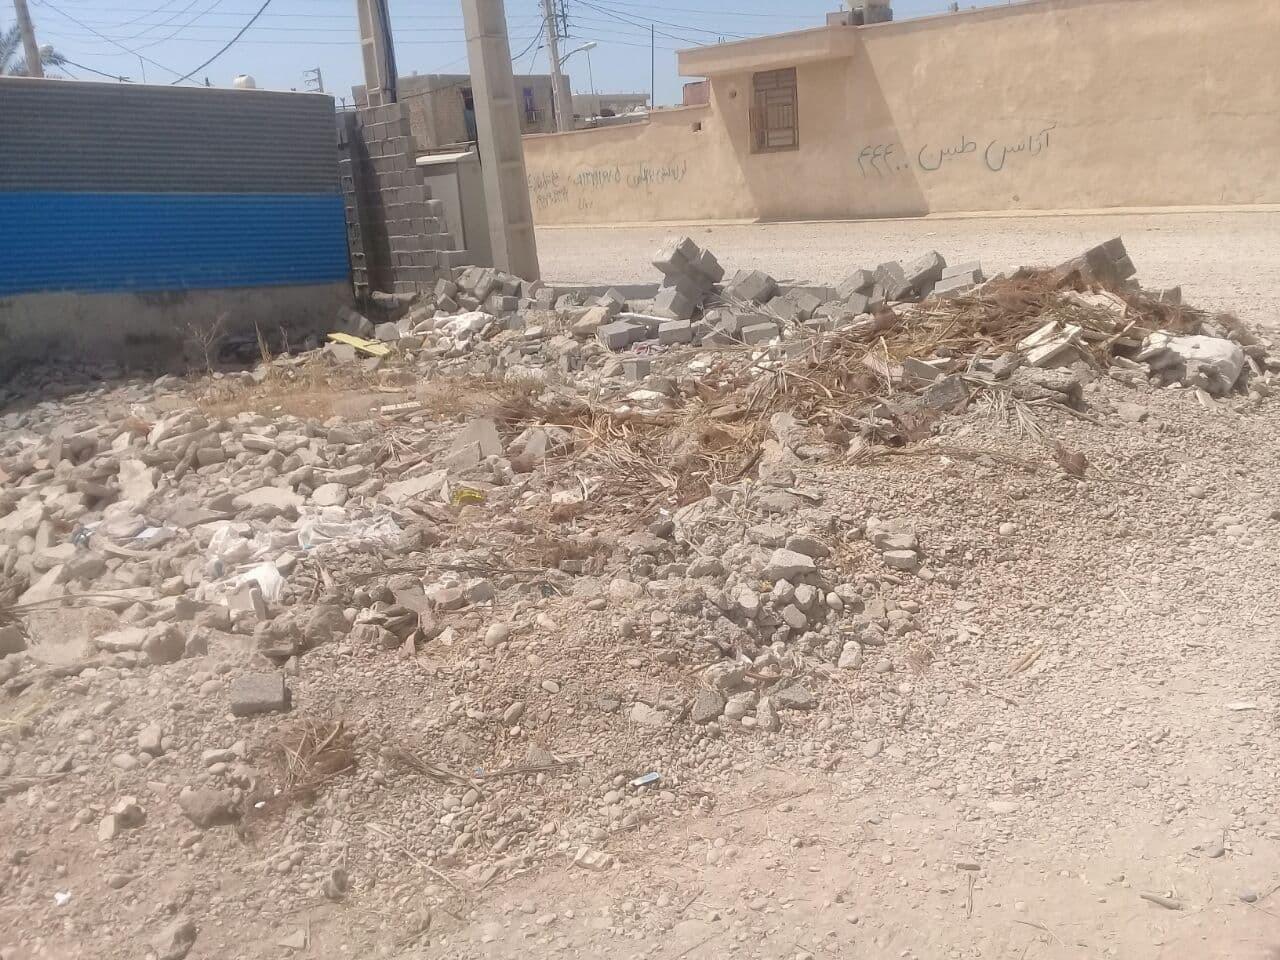 زلزله ۵.۹ ریشتری جنوب ایران را لرزاند + فیلم